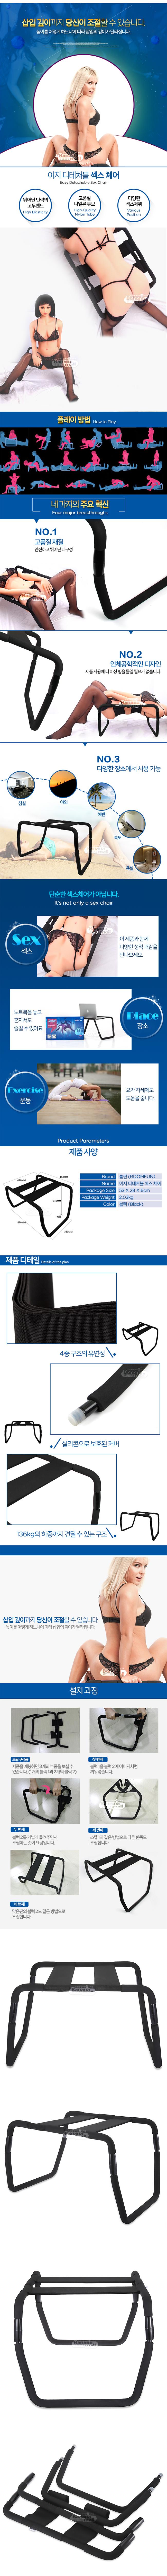 [여성 상위] 이지 디테쳐블 섹스 체어(Roomfun Easy Detachable Sex Chair) - 룸펀(YDA-010) (RMP)